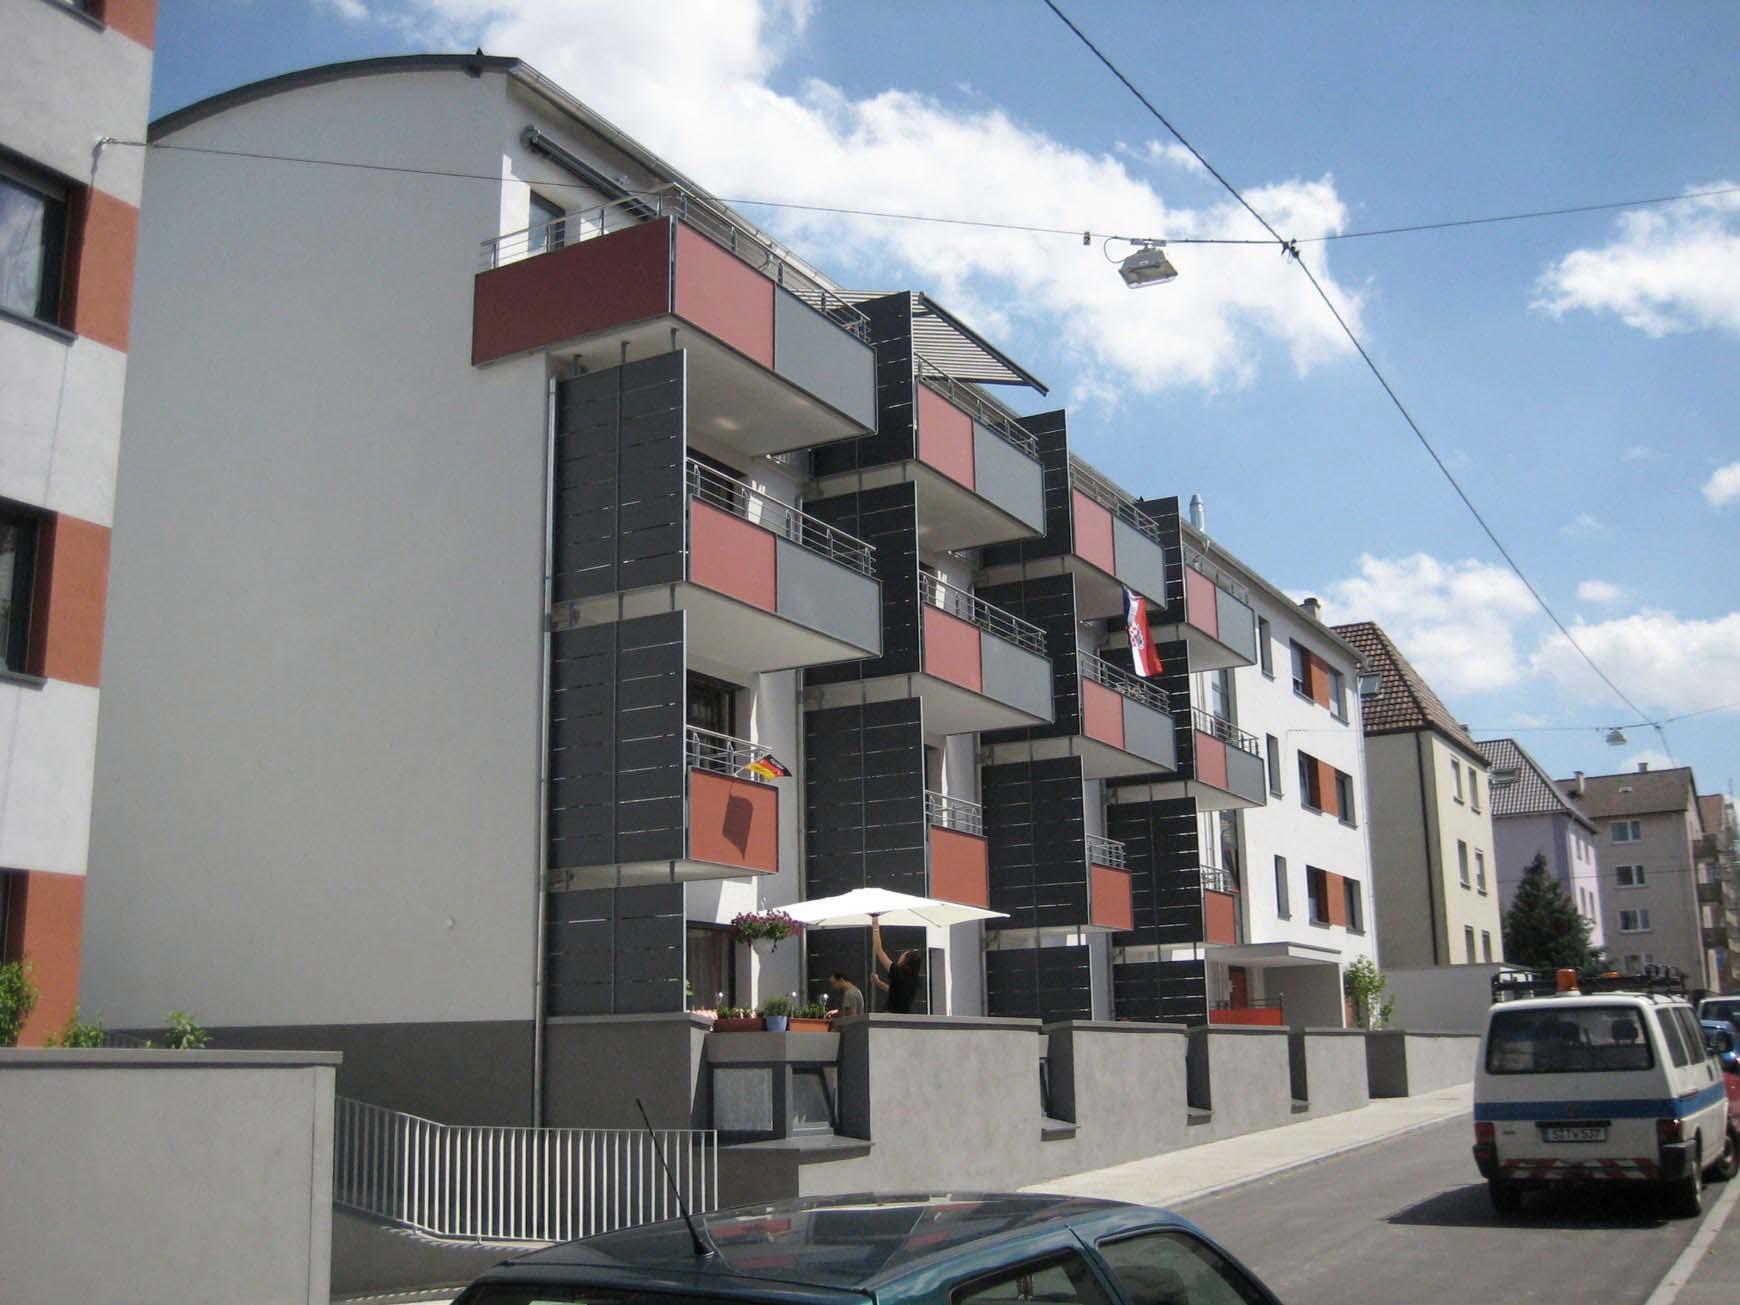 Blick von der Walkerstraße